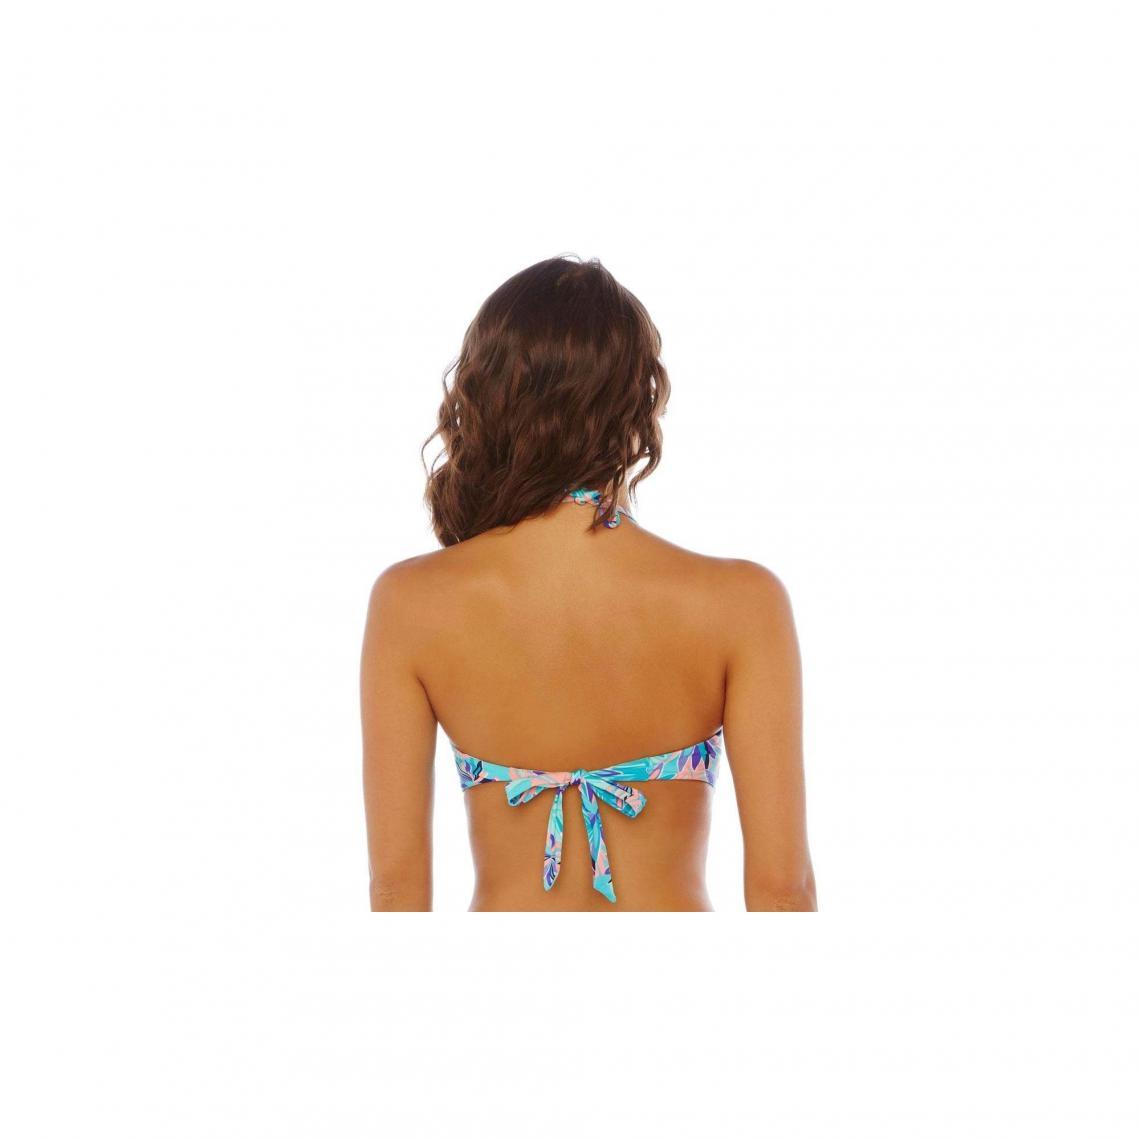 1fdea53cd1 Maillots de bain 2 pièces Brigitte Bardot Cliquez l'image pour l'agrandir.  Haut de maillot bandeau turquoise Exotique BRIGITTE BARDOT - Bleu Brigitte  Bardot